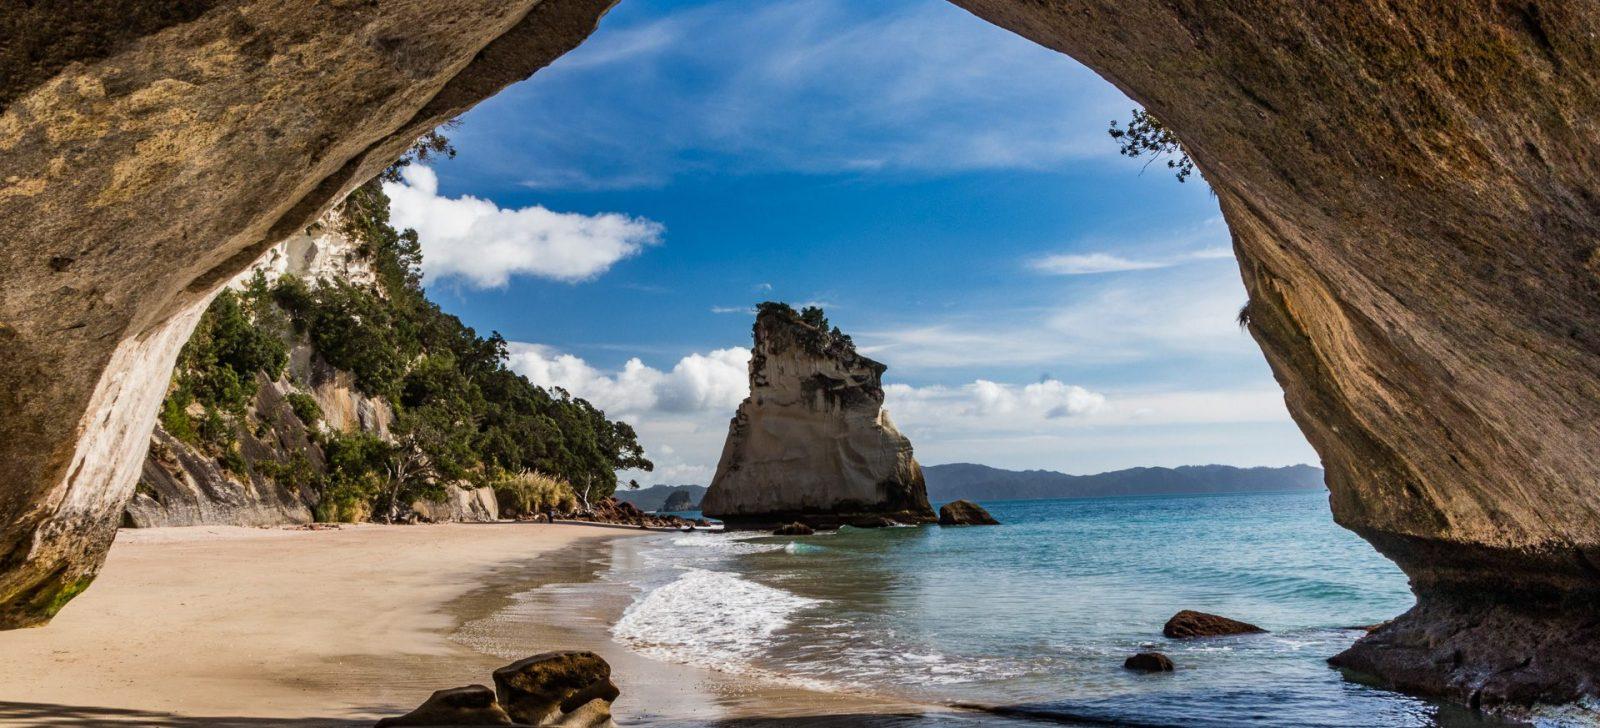 Známá pláž Cathedral Cove - pro fotku kamenného tunelu a nádherné pláže se skalními útvary bez davů si člověk musí hodně přivstat